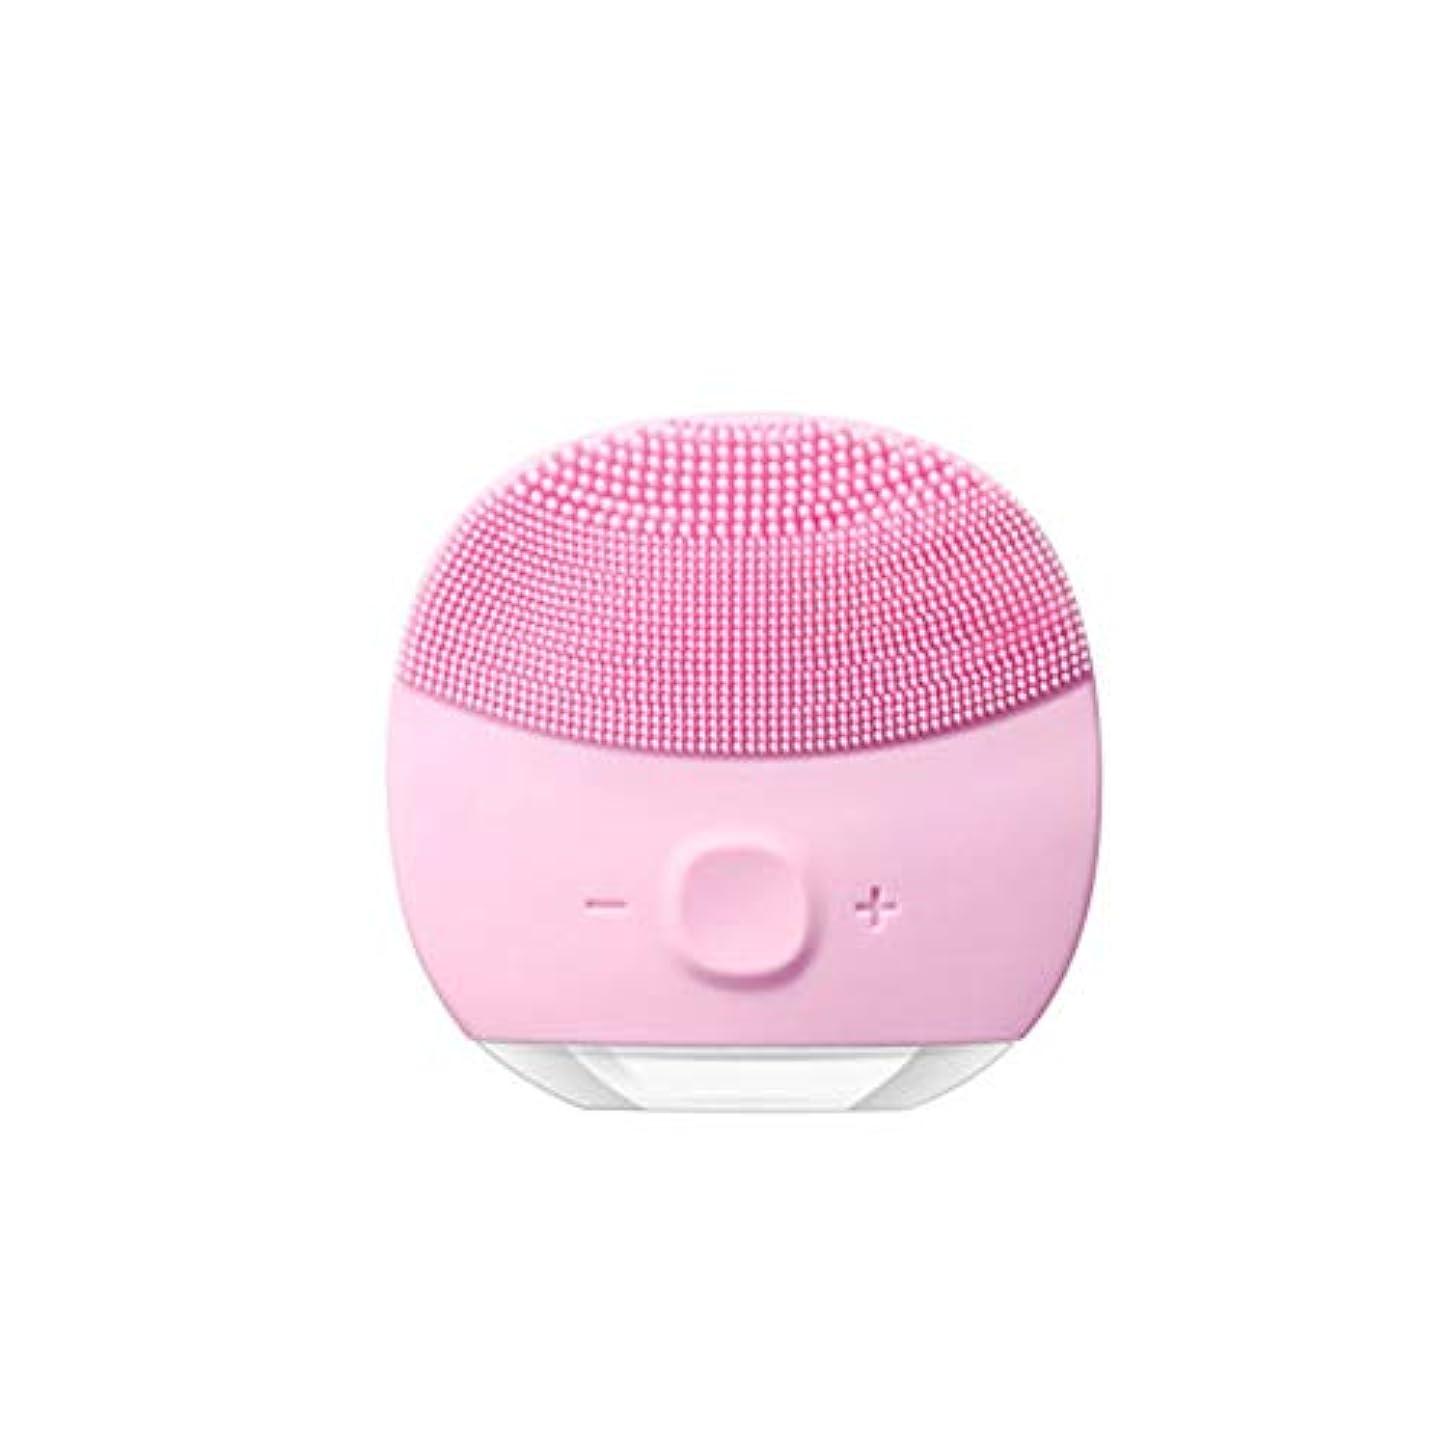 精巧な発送利用可能電気クレンジング器具ウォッシュフェイス美容機器シリコーン超音波家庭用顔面細孔クリーナー